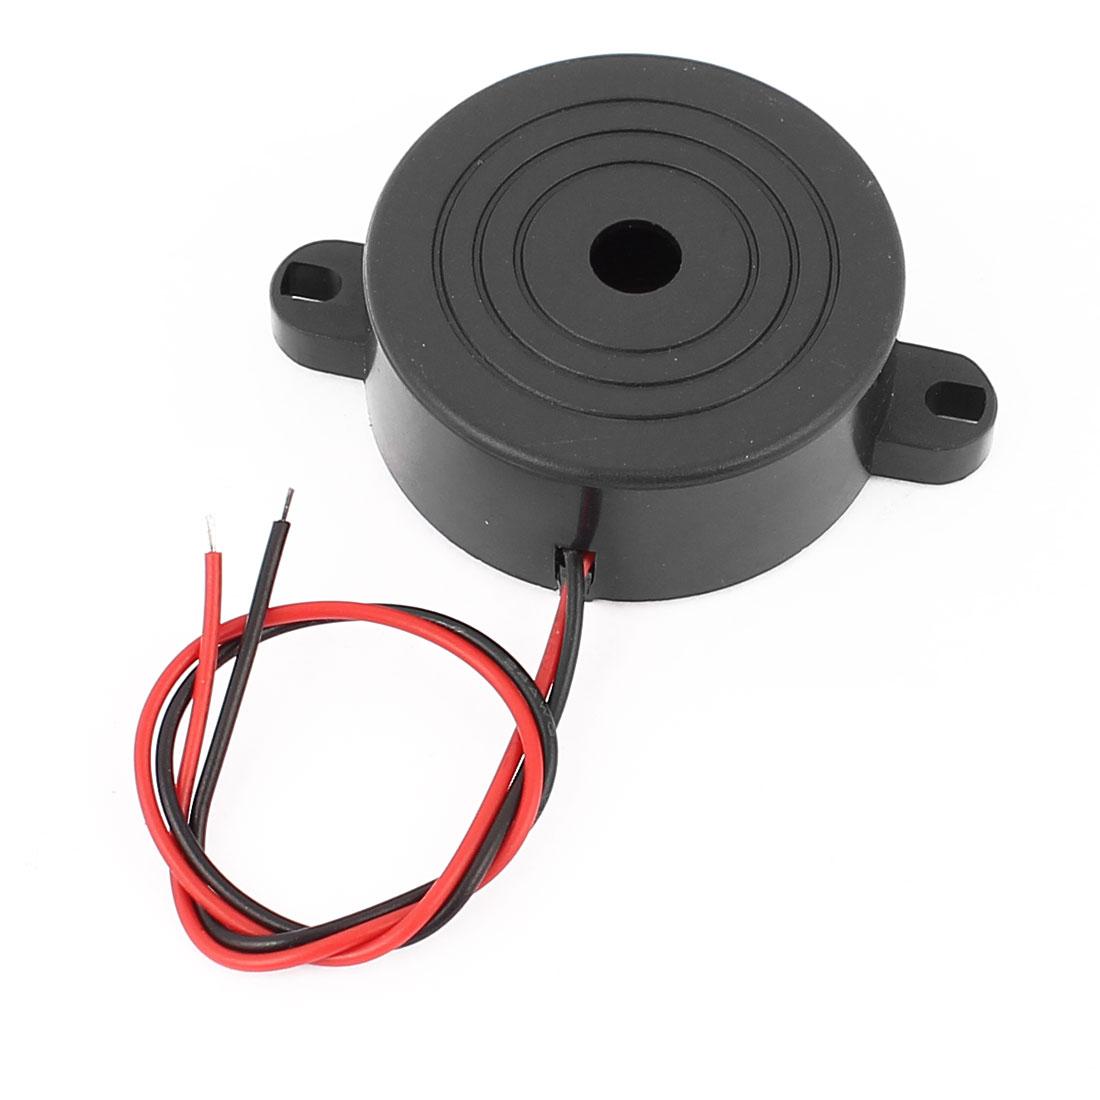 DC 3-24V 2 Wire Industrial Electronic Alarm Sound Buzzer SFM-27